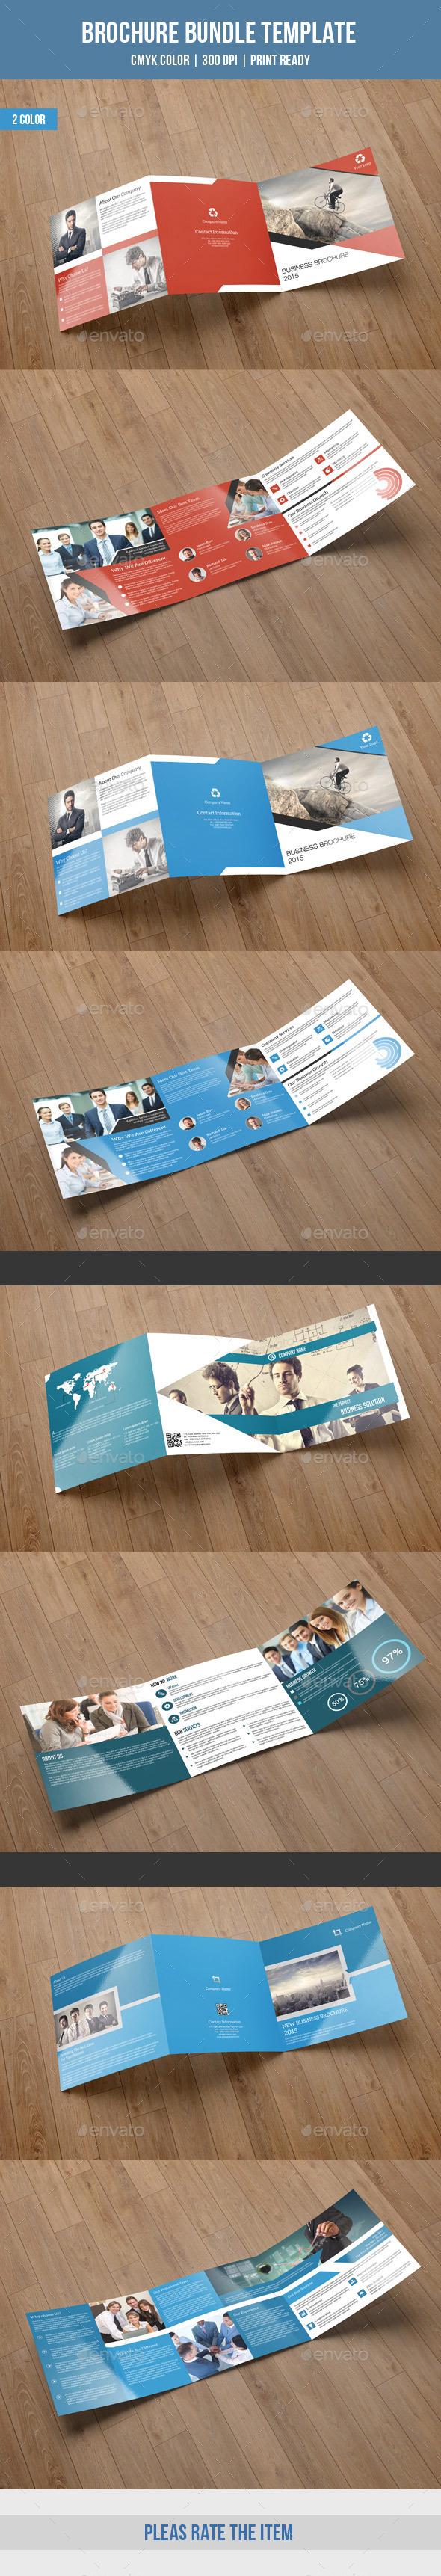 Square Trifold Brochure Bundle-V02 - Corporate Brochures